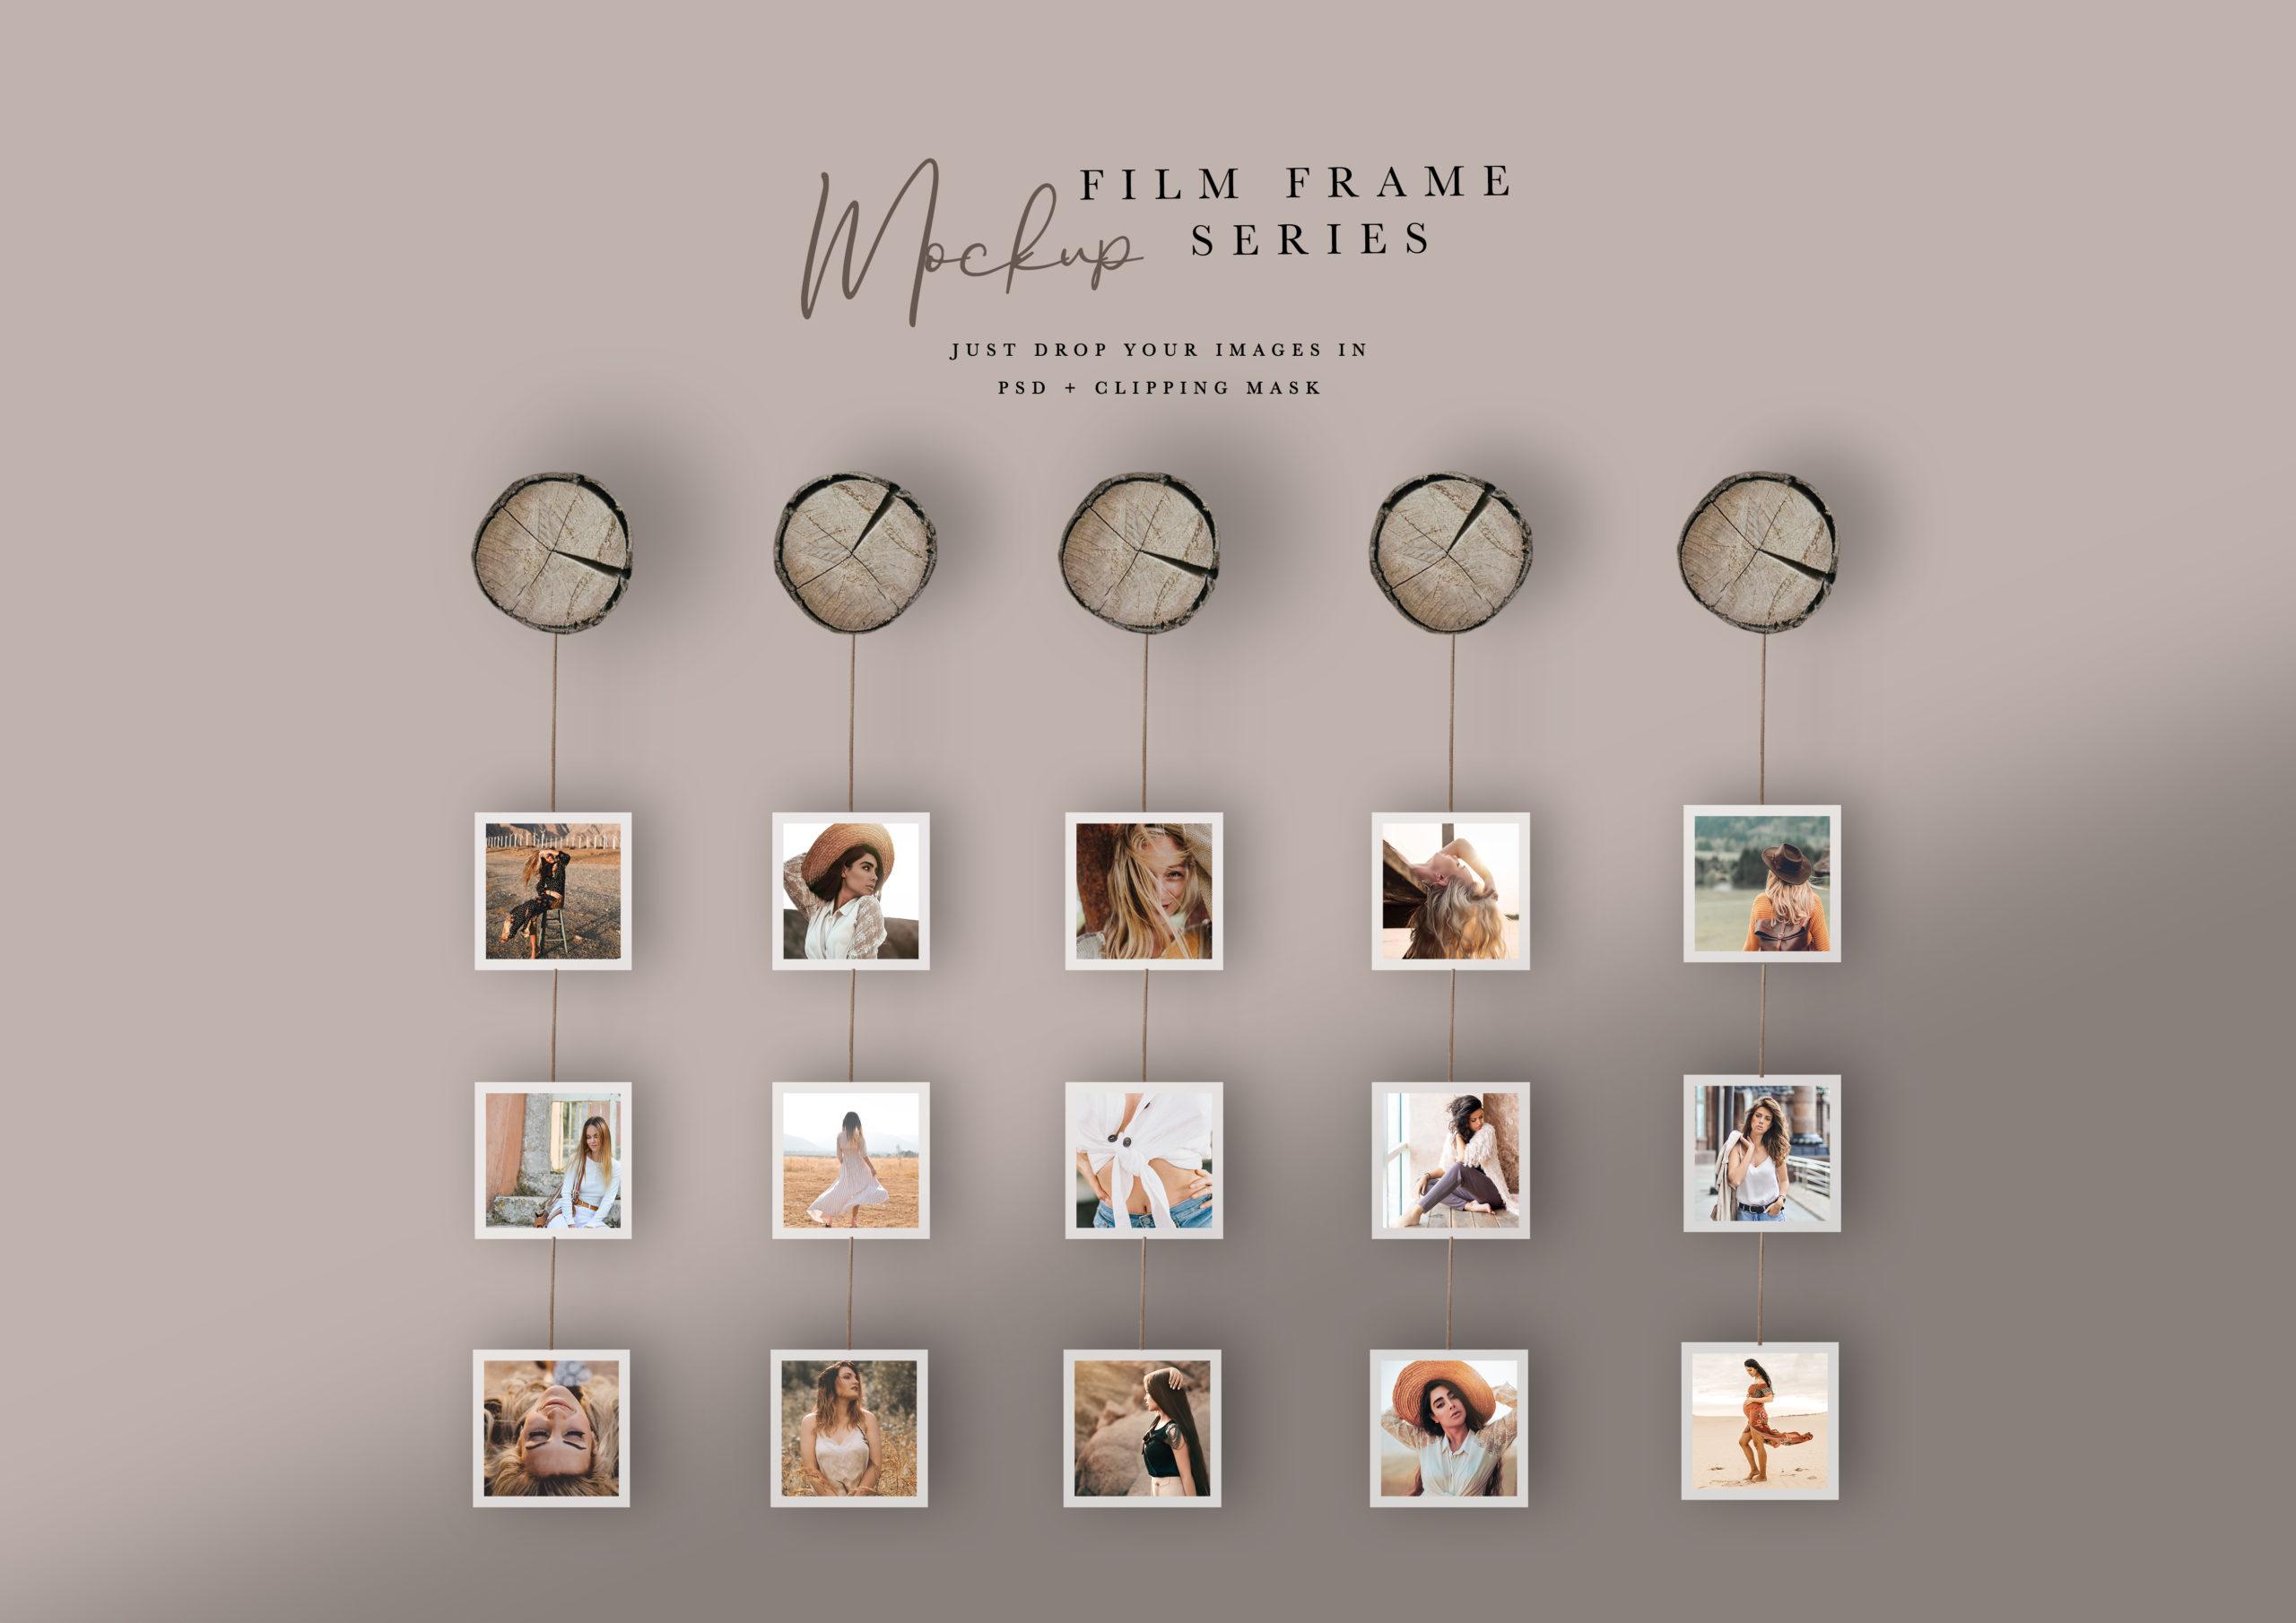 film frame series mockups for photoshop